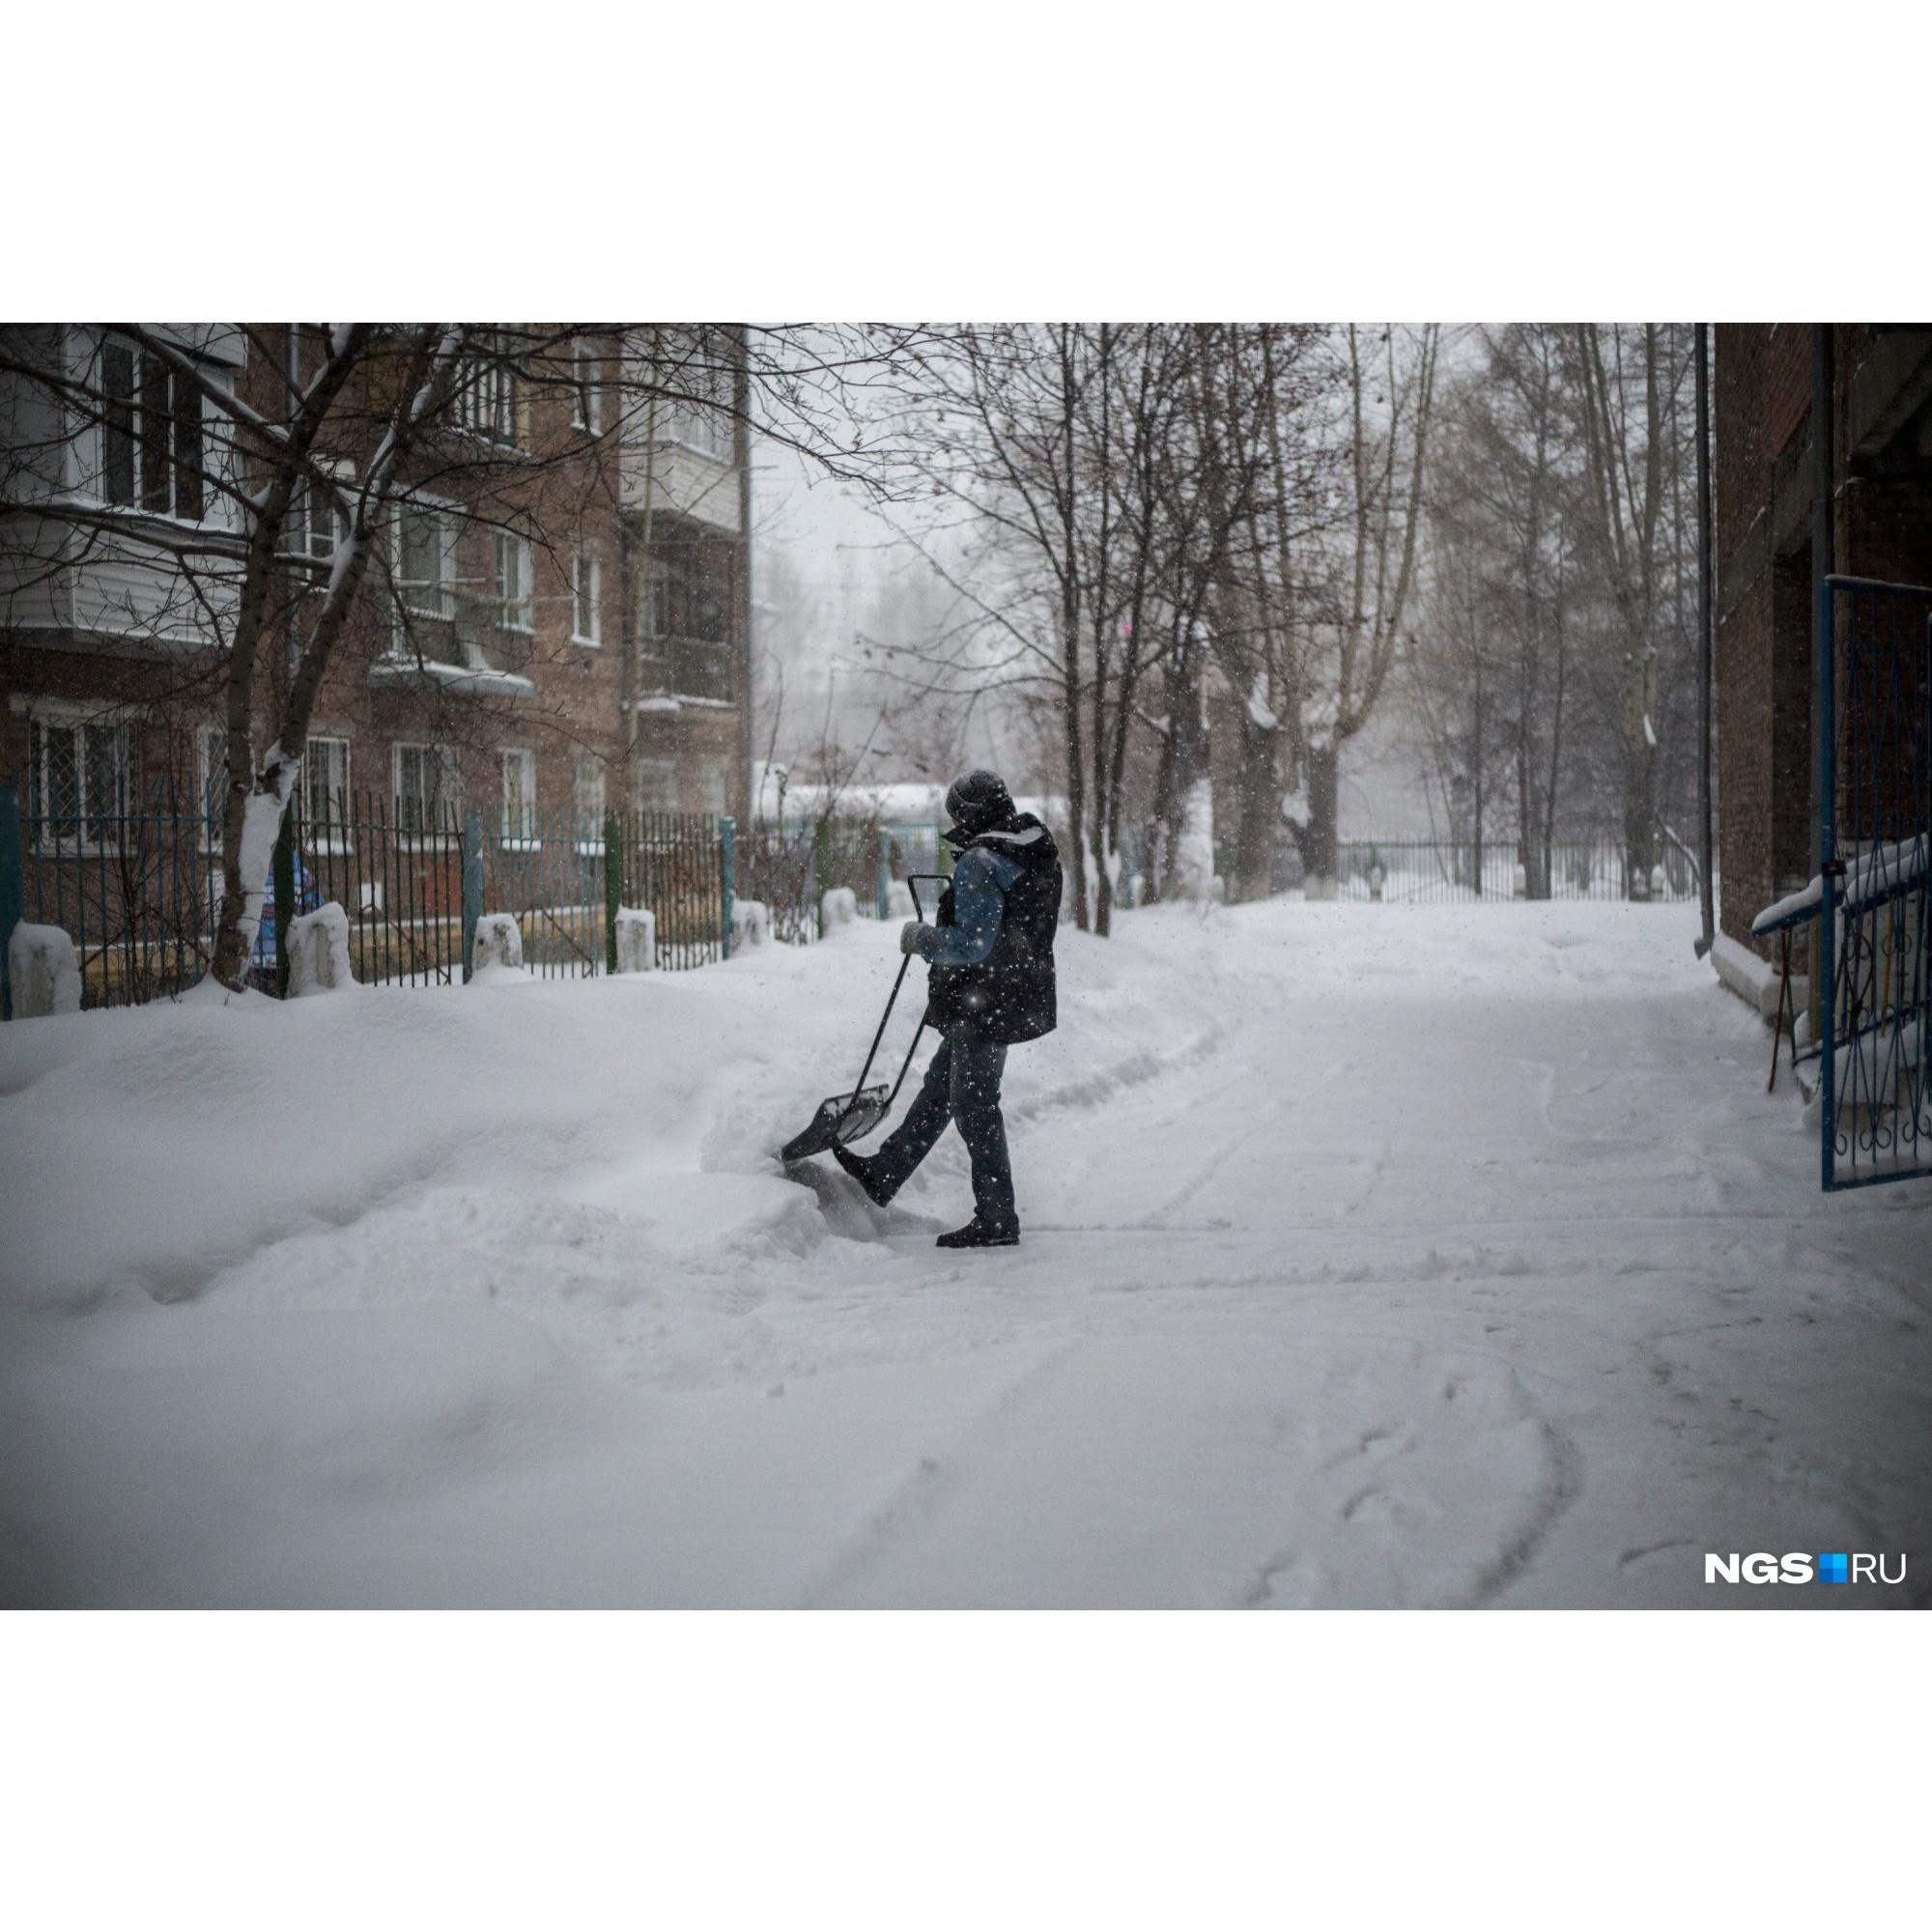 Сильный снегопад прибавил работы дворникам